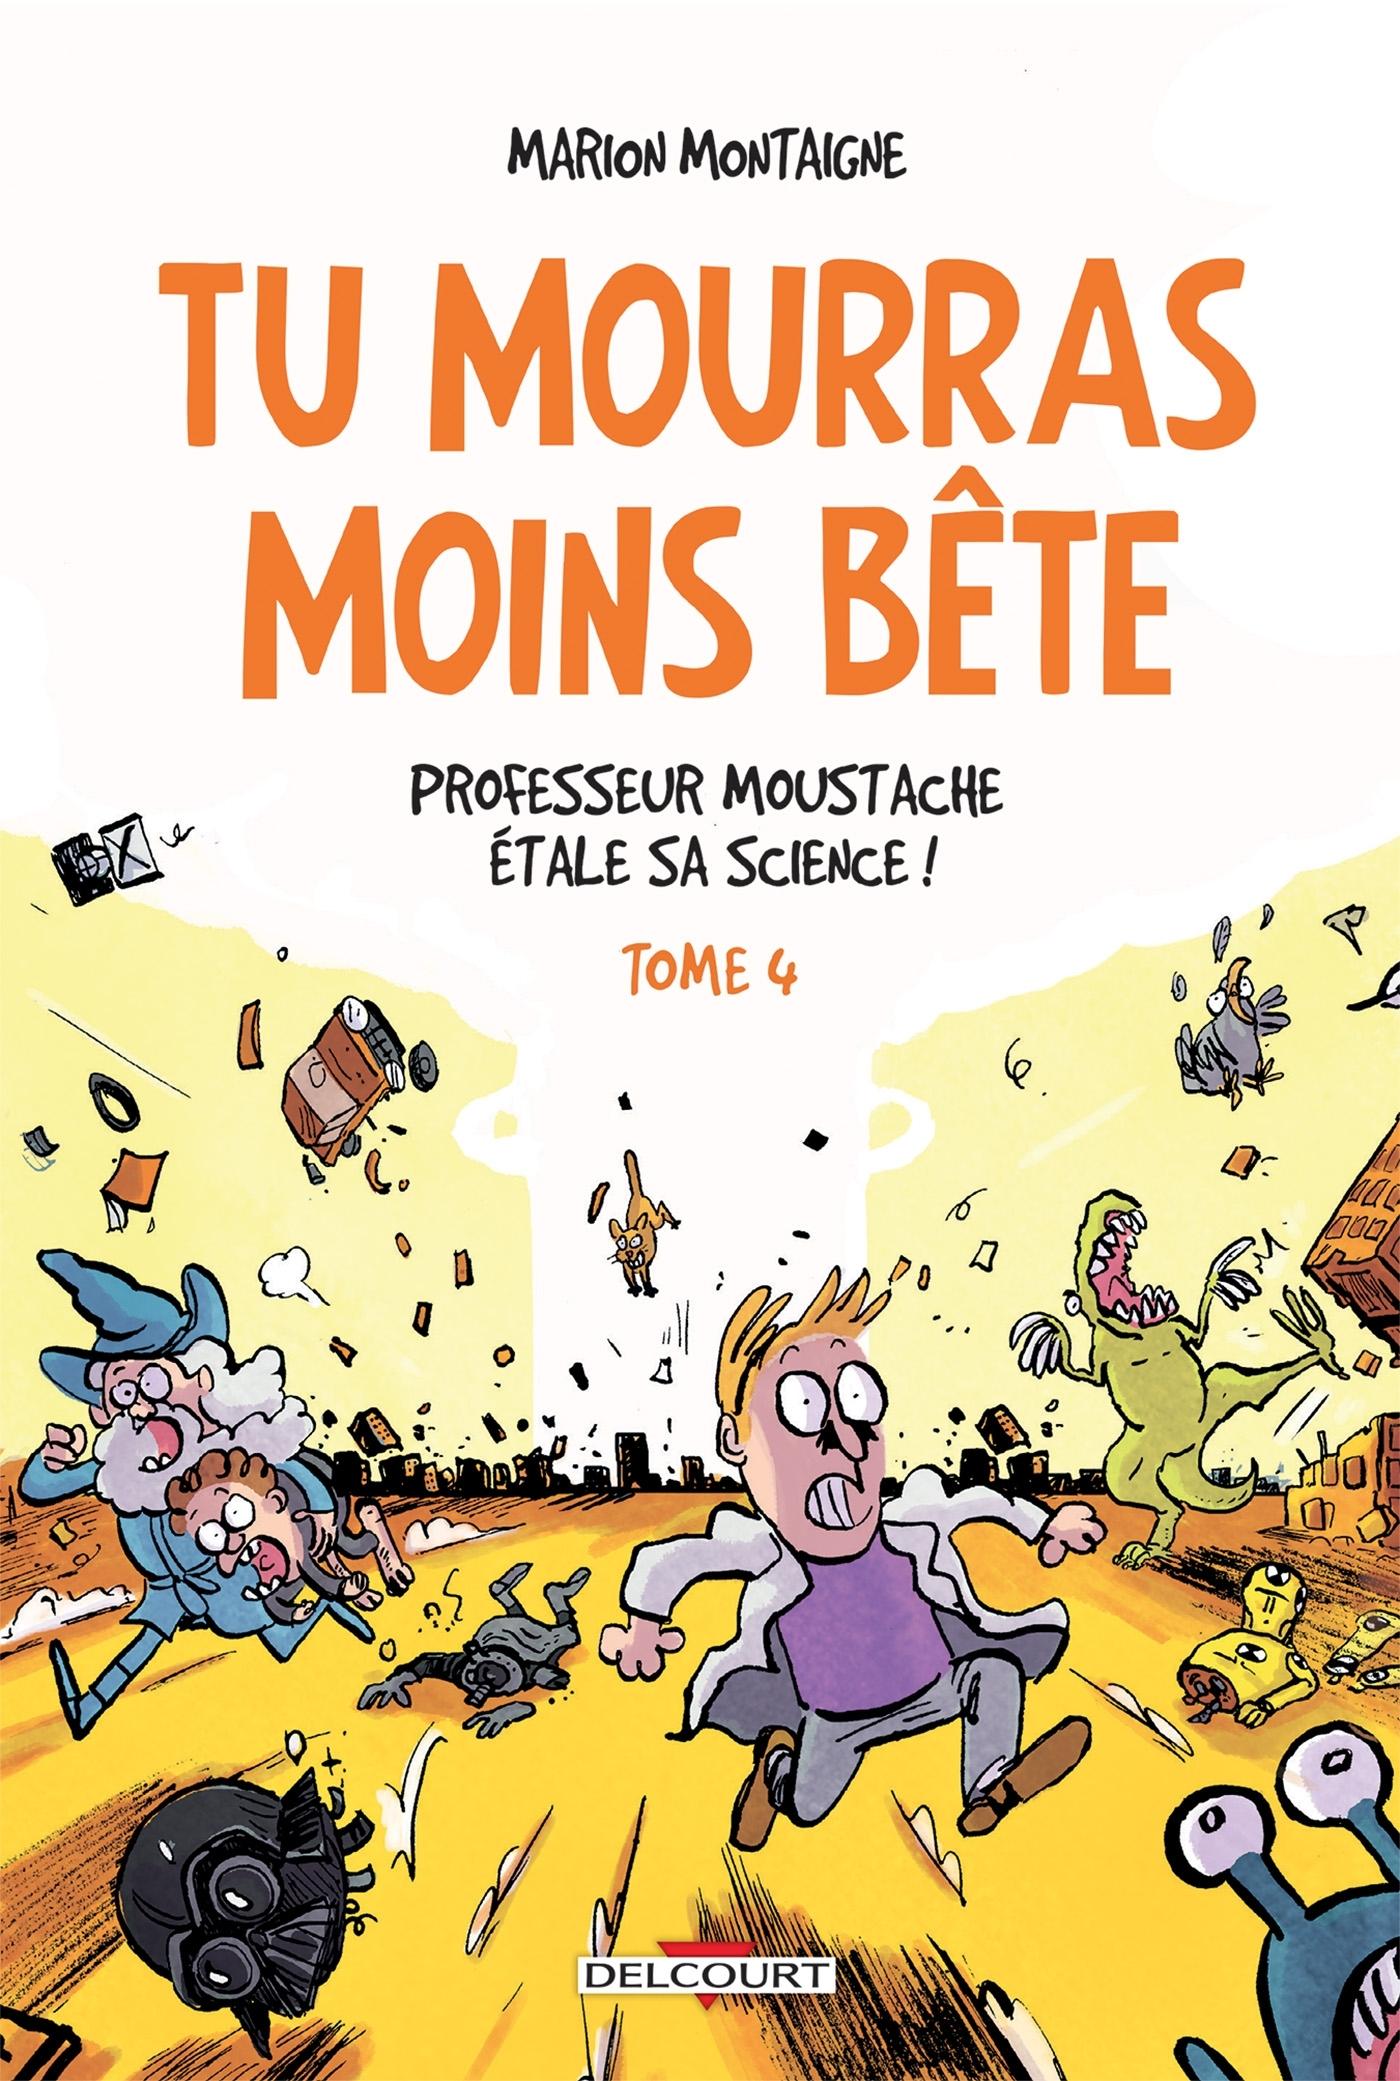 TU MOURRAS MOINS BETE T4 - PROFESSEUR MOUSTACHE ETALE SA SCIENCE !